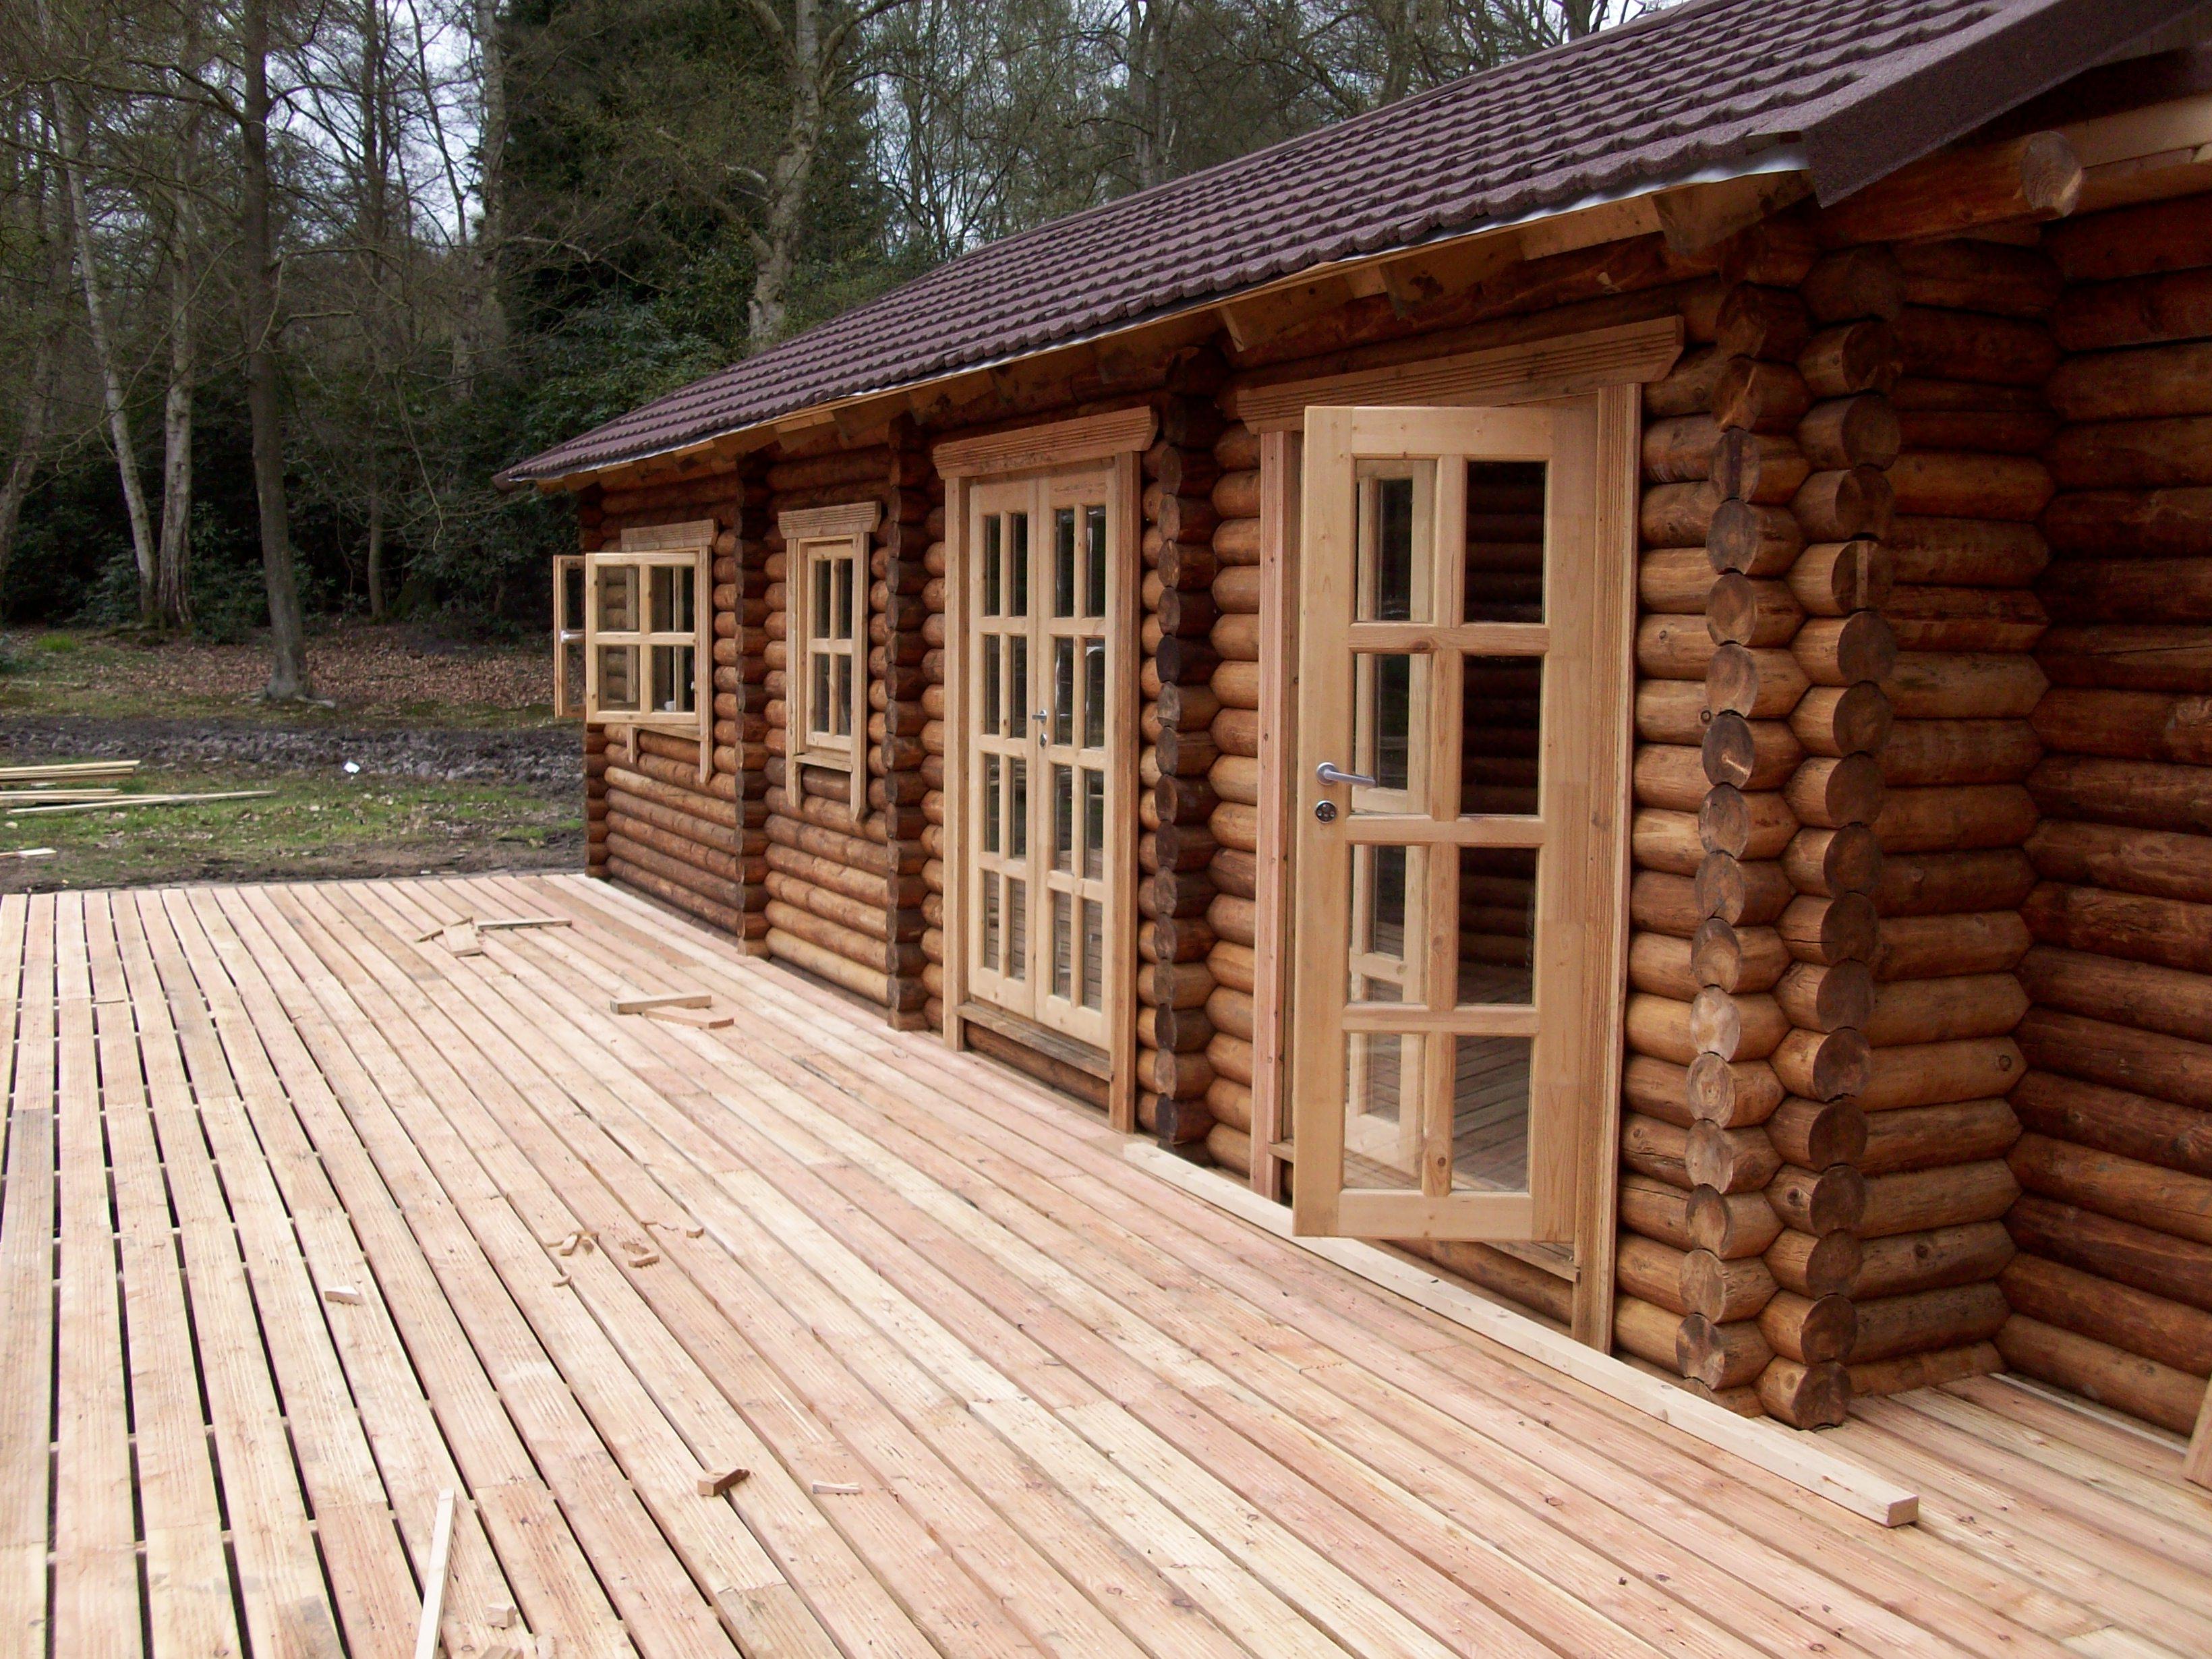 Log builder scotland log cabin scotland log home scotland - Casas de troncos redondos ...